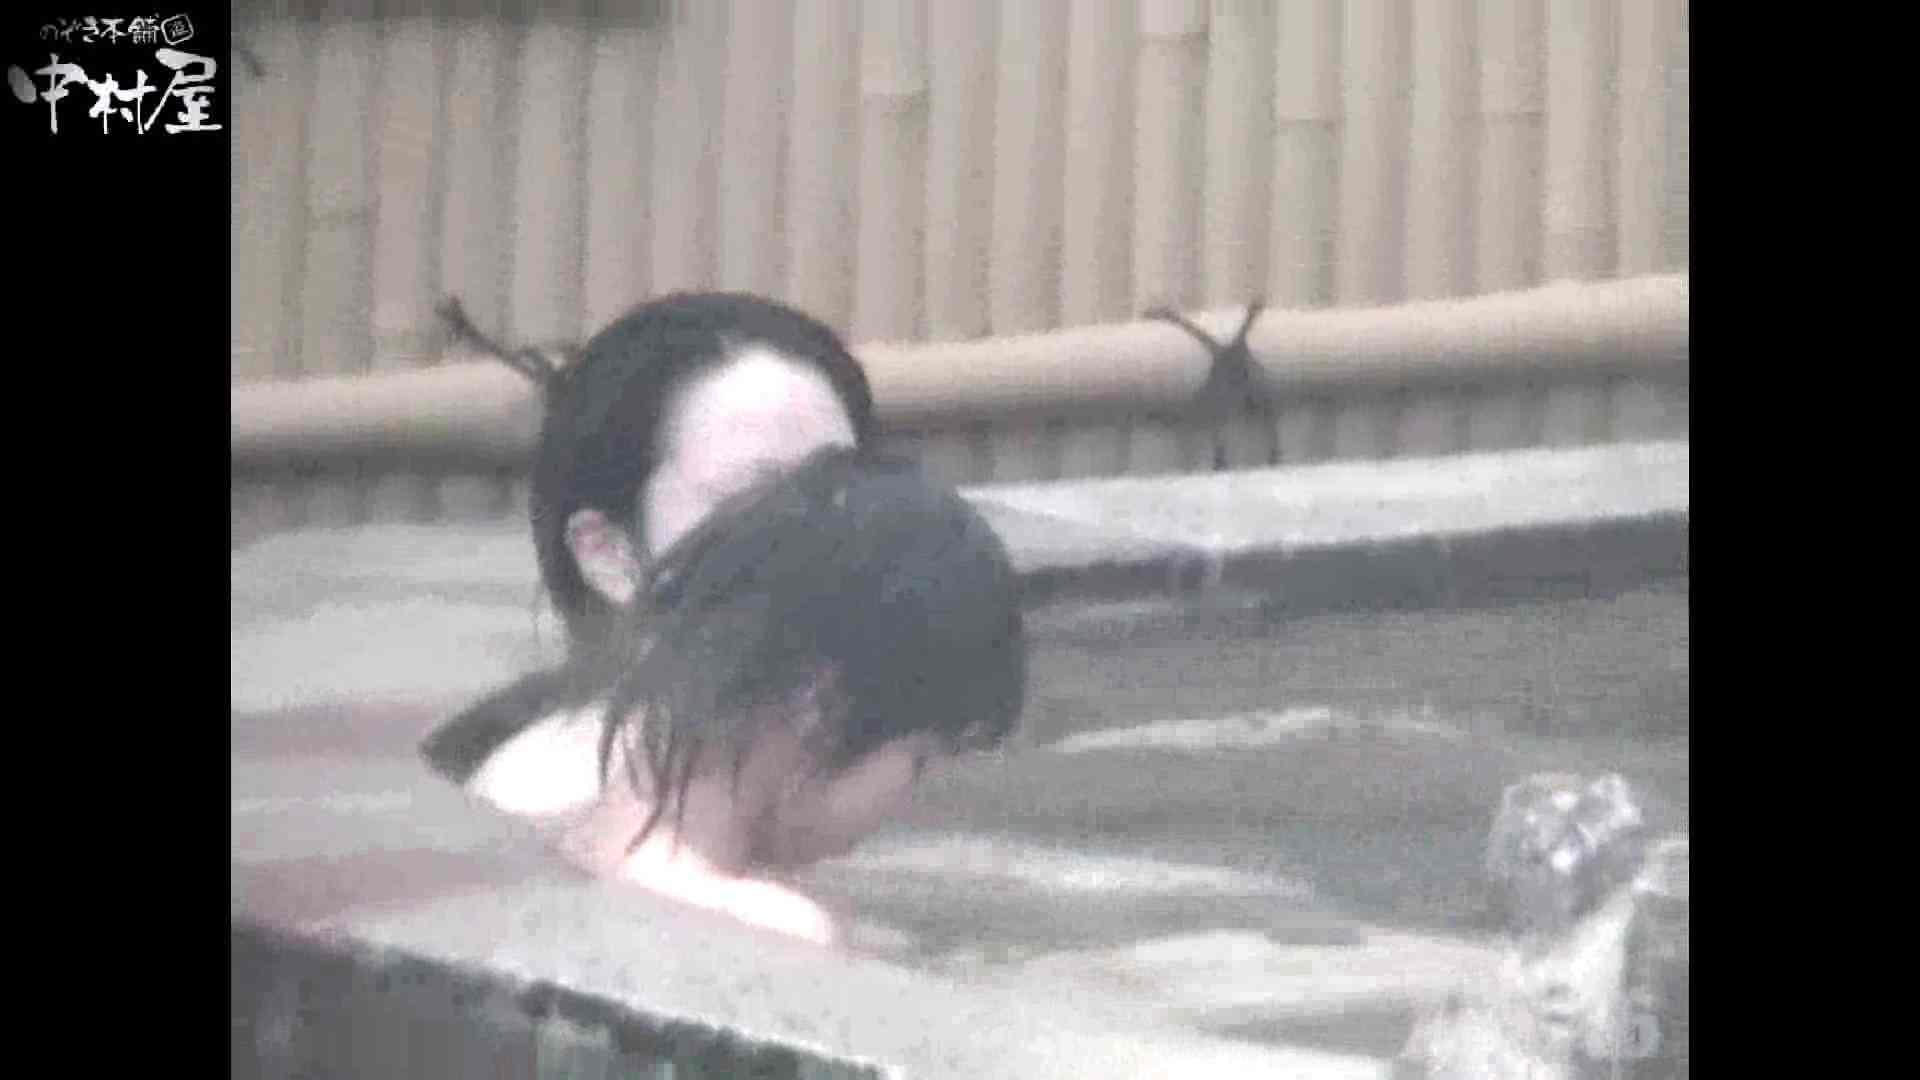 Aquaな露天風呂Vol.880潜入盗撮露天風呂十六判湯 其の七 盗撮シリーズ | 潜入  111PIX 16